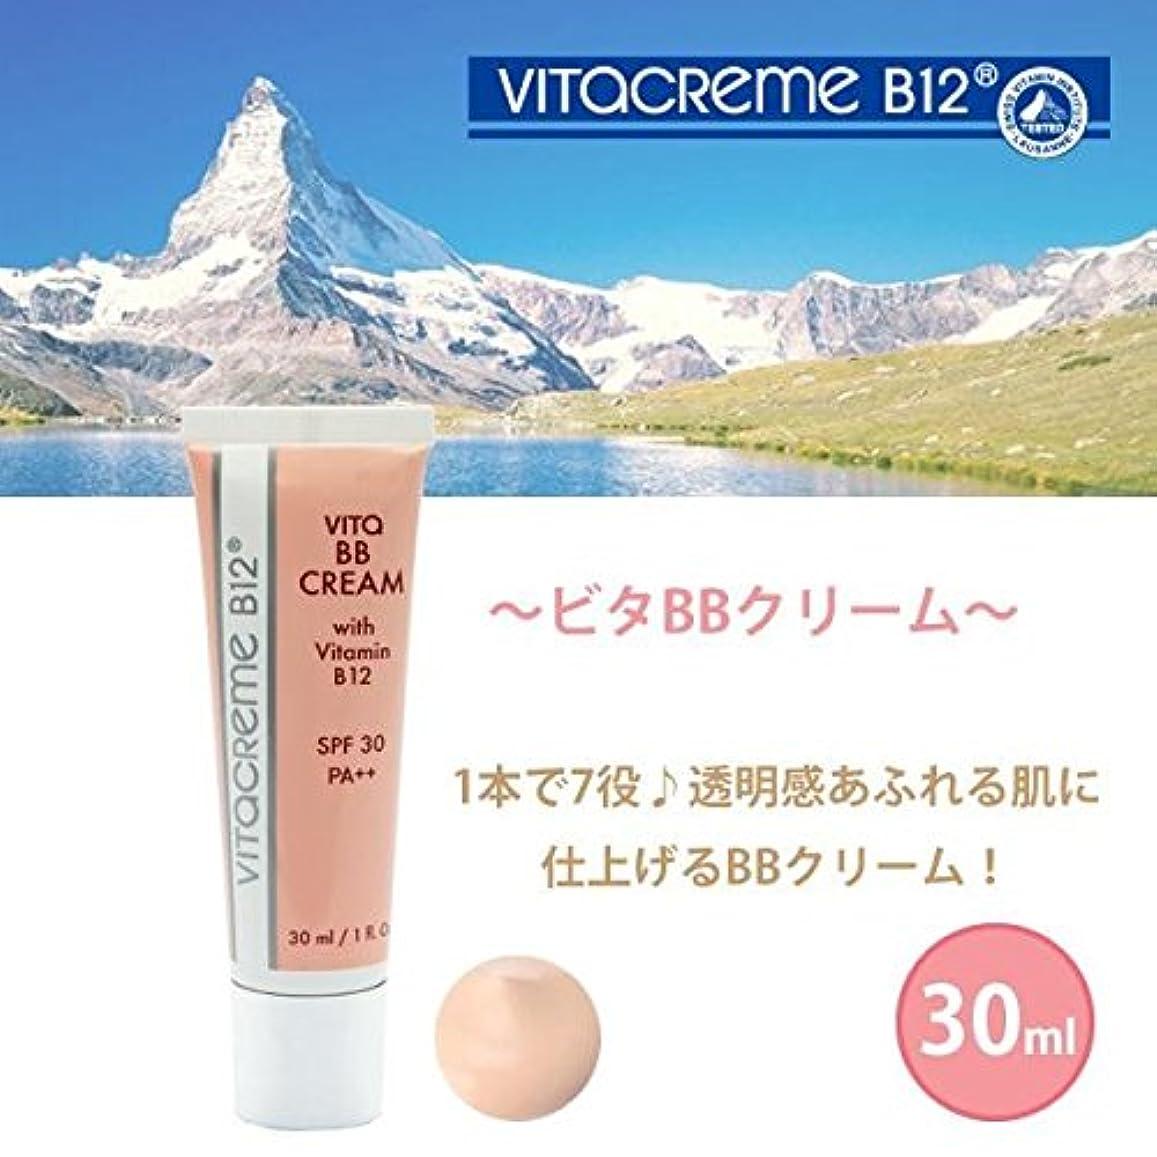 不変ラリーベルモント溢れんばかりのビタBBクリーム 30ml 正規品 VTB238 【人気 おすすめ 】